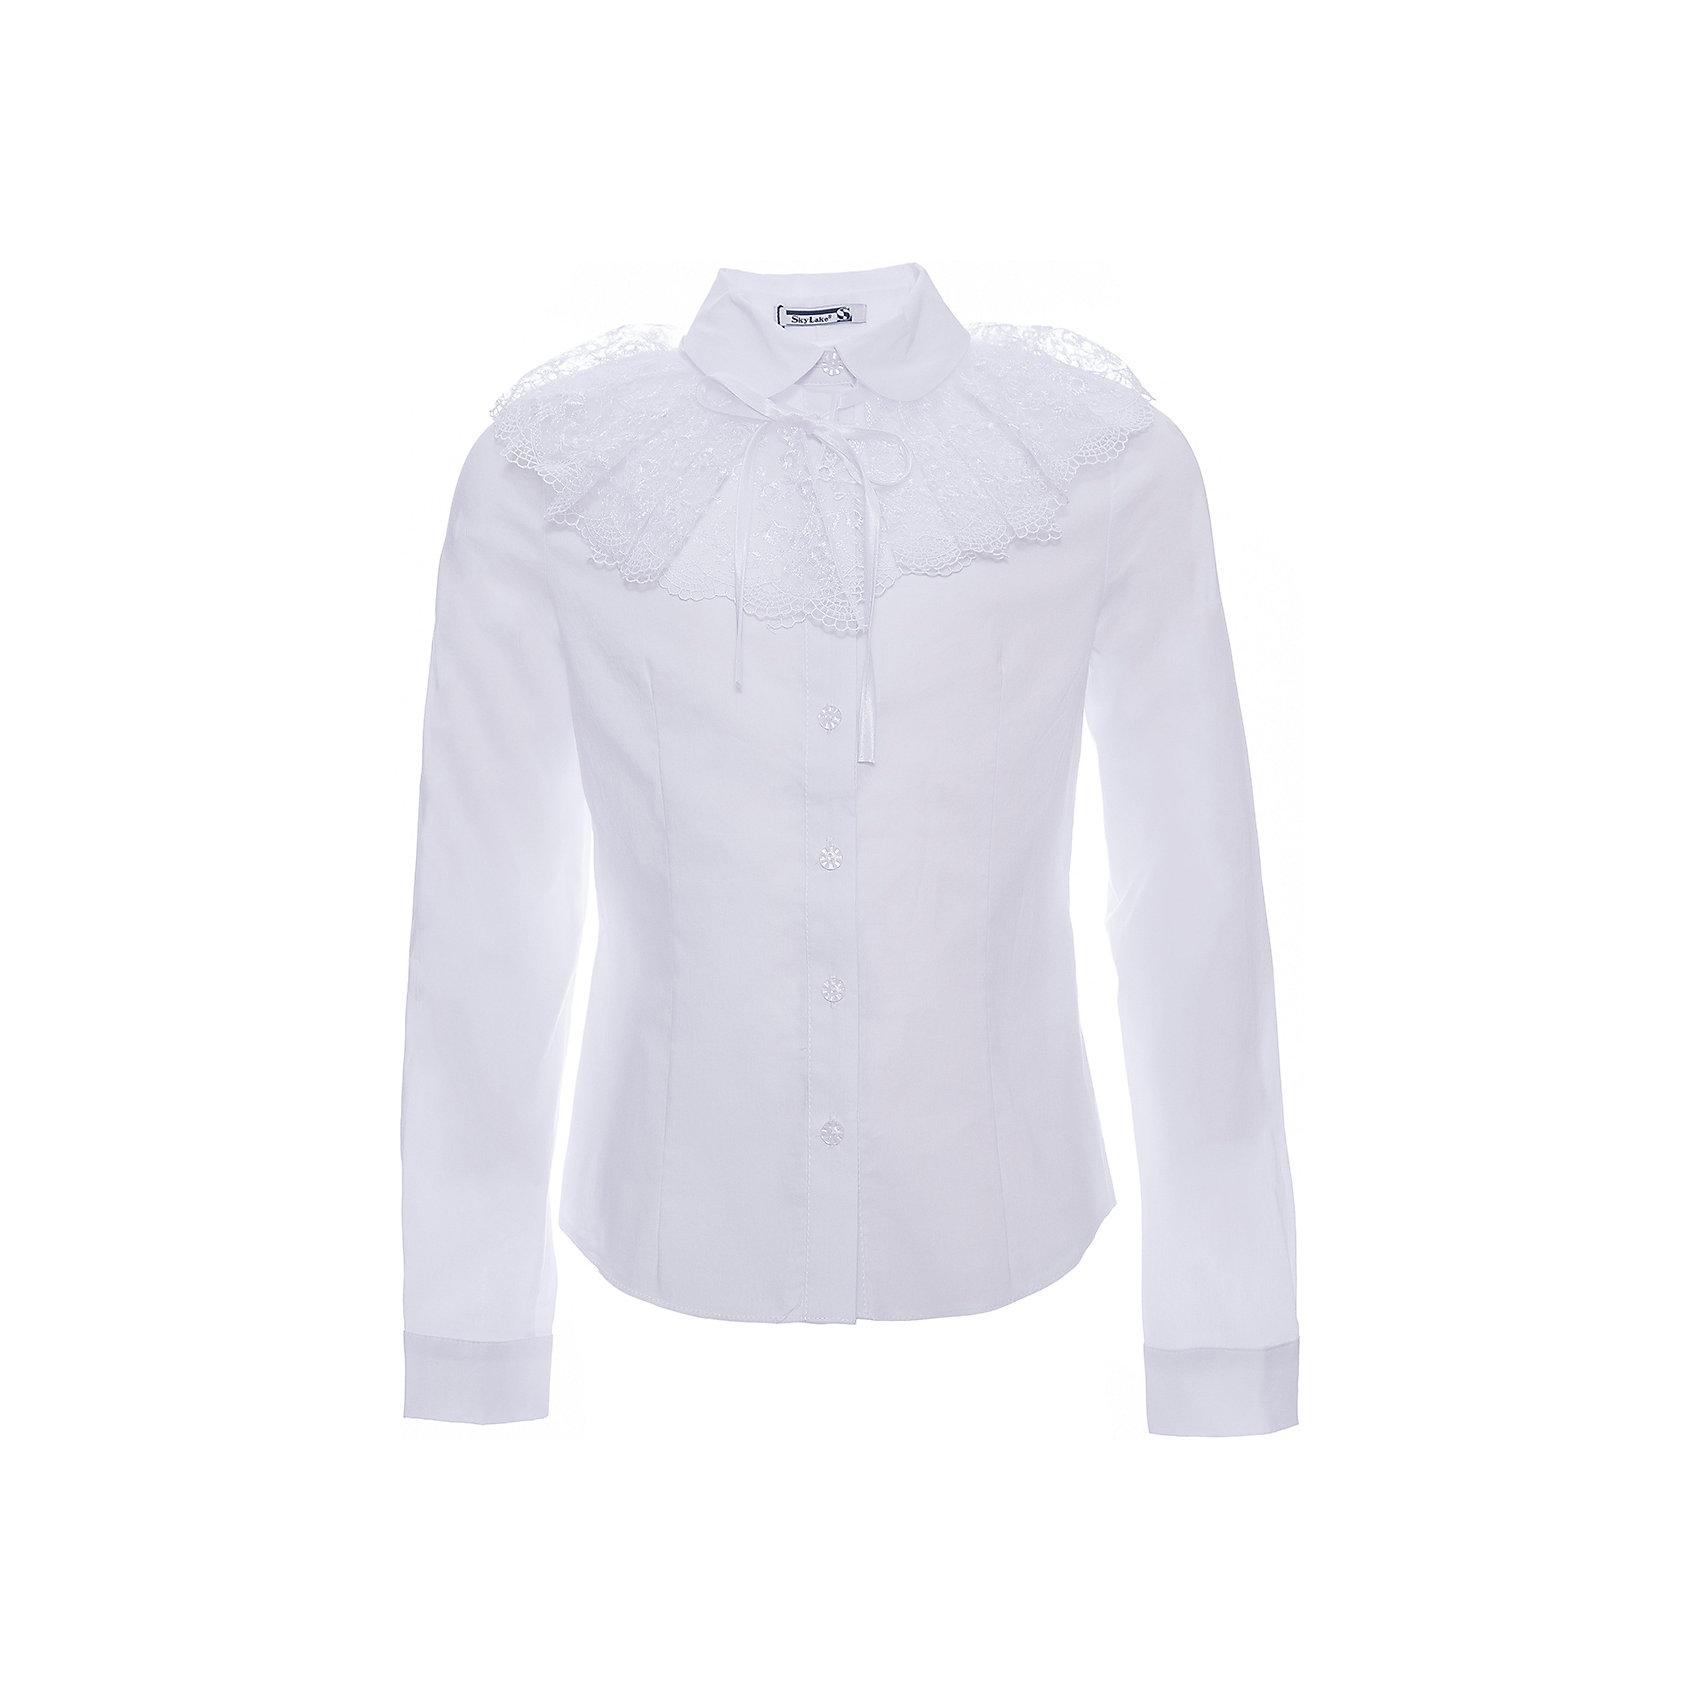 Блузка Эля для девочки SkylakeБлузки и рубашки<br>Характеристики товара:<br><br>• цвет: белый<br>• материал: 74% хлопок, 23% полиэстер, 3% лайкра<br>• манжеты на пуговицах<br>• отложной воротник<br>• застежки: пуговицы<br>• декорирована отстегивающимся воротником<br>• длинные рукава<br>• страна бренда: Российская Федерация<br>• страна производства: Российская Федерация<br><br>Школьная блузка с длинным рукавом для девочки. Однотонная блузка  прилегающего силуэта со съемным воротником. Застежка на узкую притачную планку с пуговицами. Воротник отложной на отрезной стойке. Концы воротника круглой формы.  Декоративный  большой  съемный воротник выполнен из вышитого капронового кружева. Крепится на завязках.  Рукава  втачные длинные на манжетах. Манжеты с застежкой на одну пуговицу.<br><br>Блузку Эля для девочки от бренда SKY LAKE (Скай Лэйк) можно купить в нашем интернет-магазине.<br><br>Ширина мм: 186<br>Глубина мм: 87<br>Высота мм: 198<br>Вес г: 197<br>Цвет: белый<br>Возраст от месяцев: 132<br>Возраст до месяцев: 144<br>Пол: Женский<br>Возраст: Детский<br>Размер: 152,128,158,146,140,134<br>SKU: 6772489